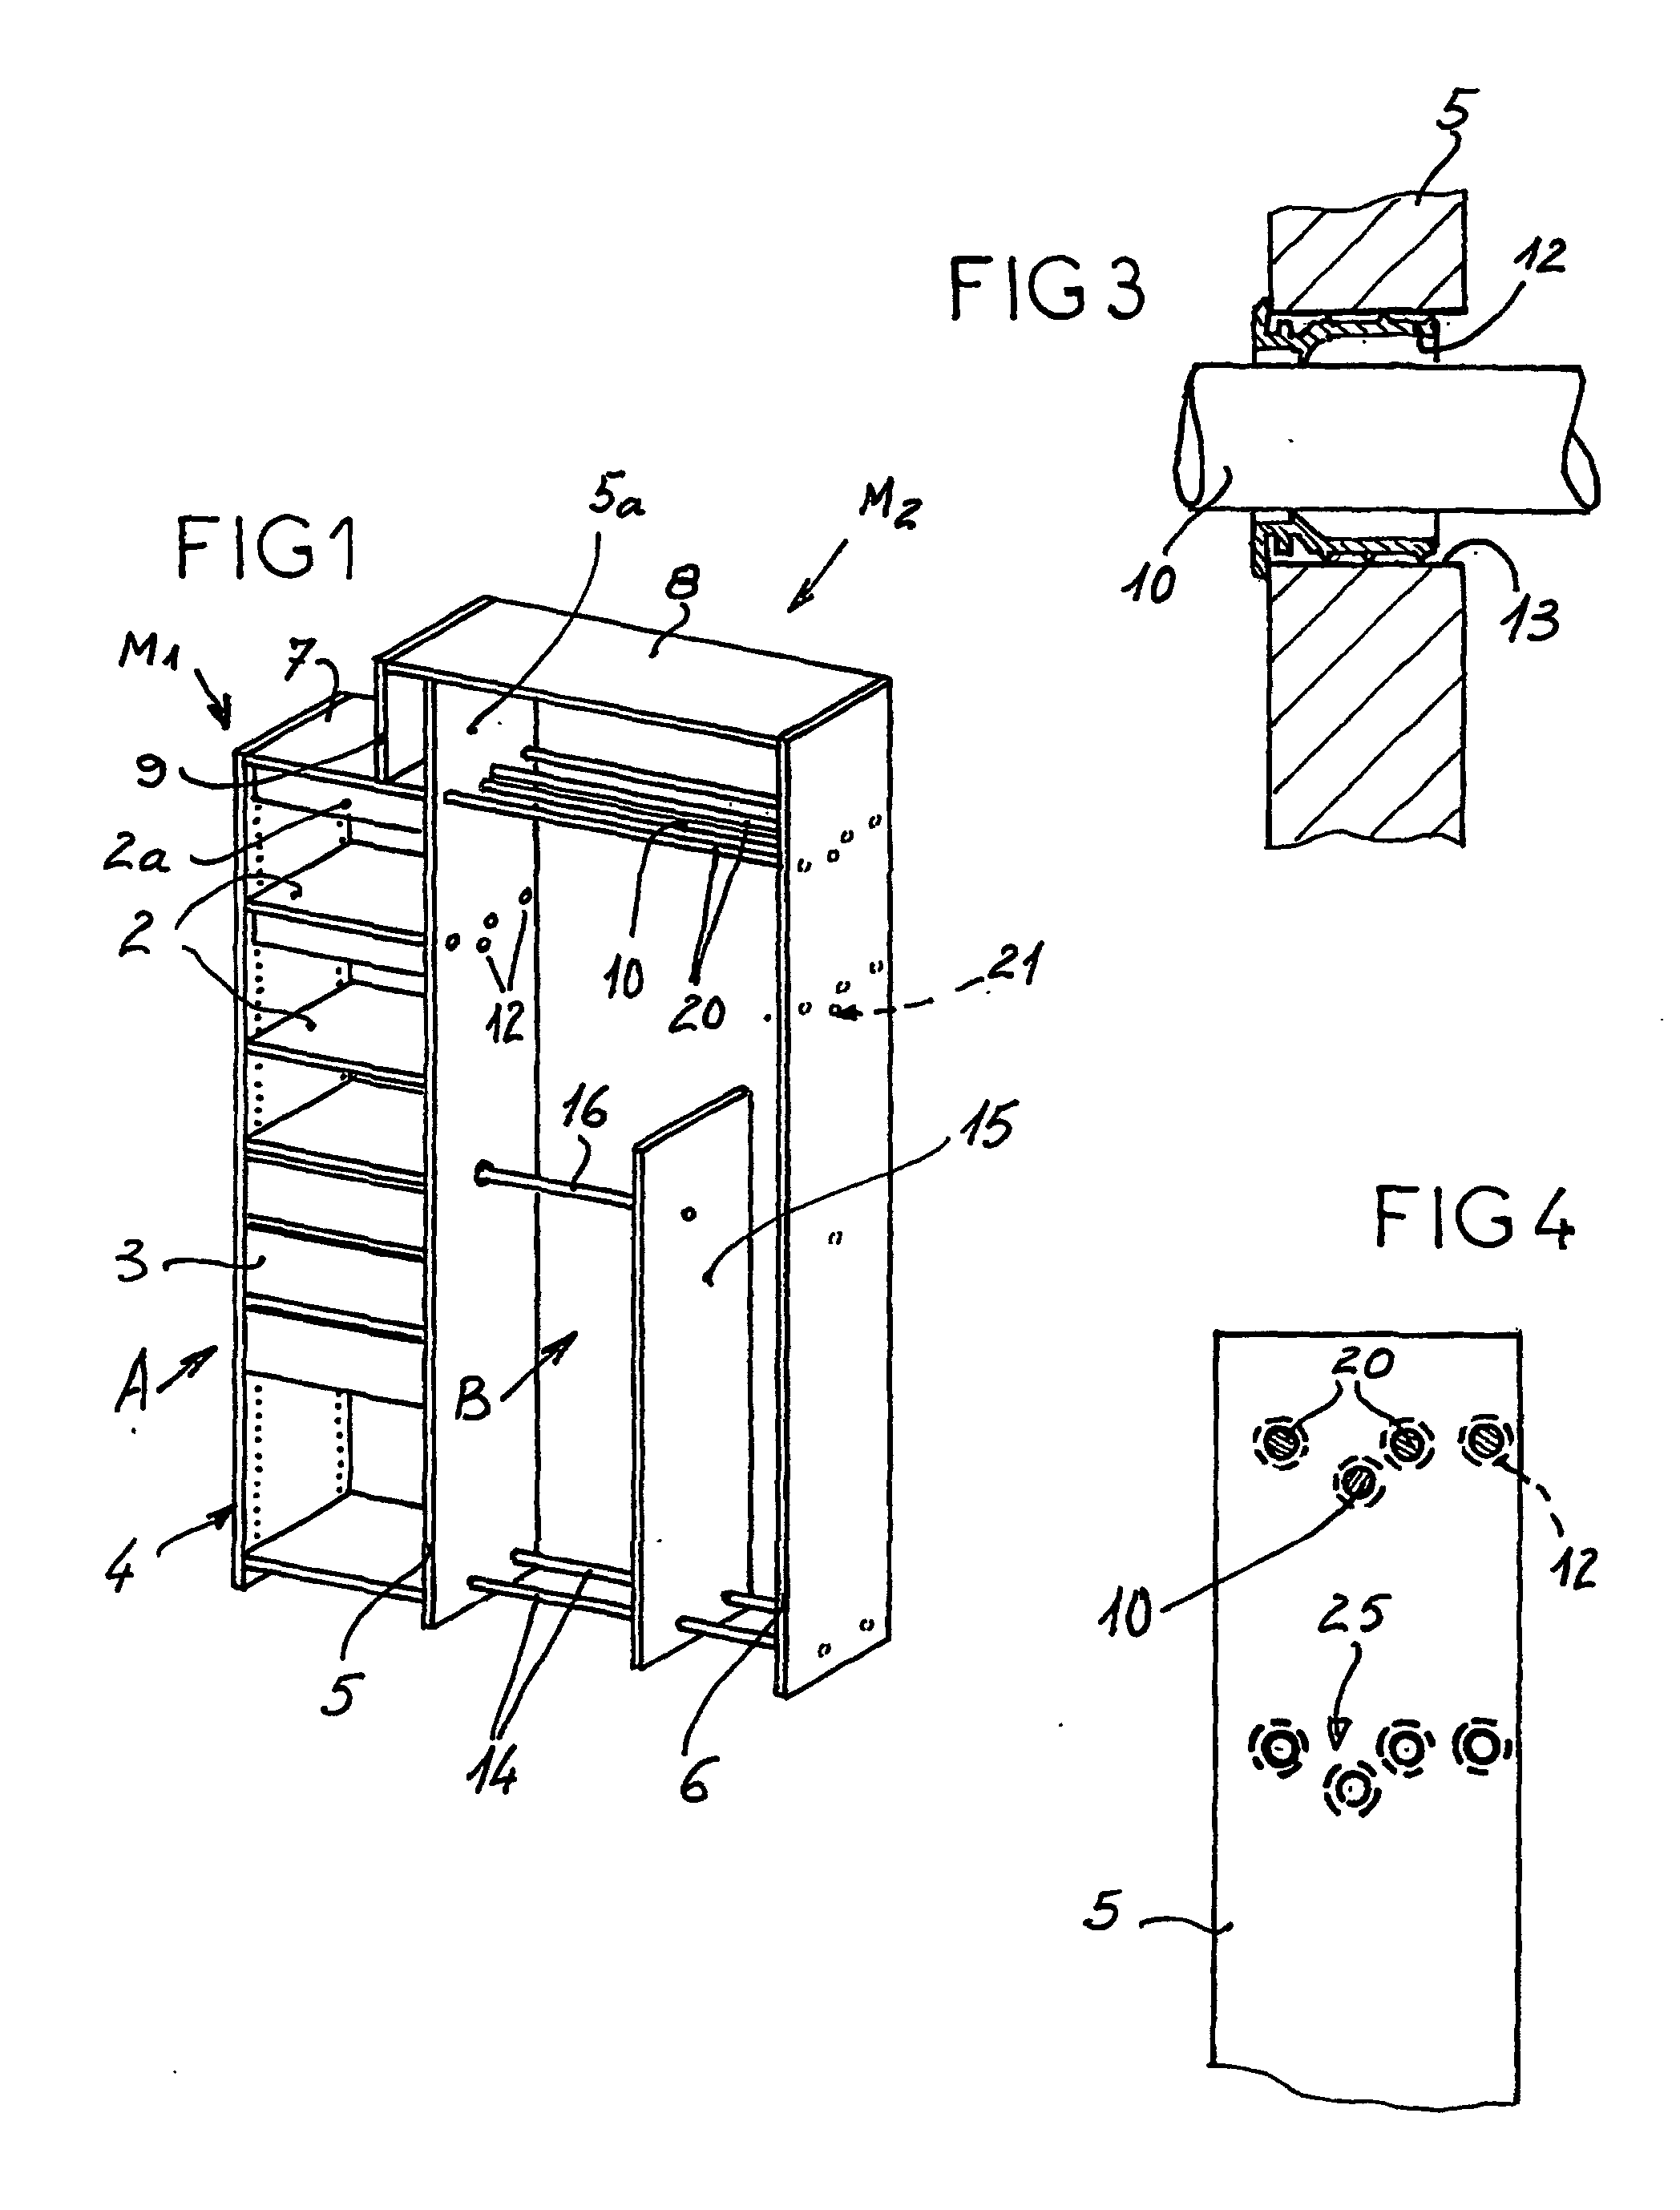 patente ep1276403b1 ensemble de rangement a double penderie evolutive patentes do google. Black Bedroom Furniture Sets. Home Design Ideas